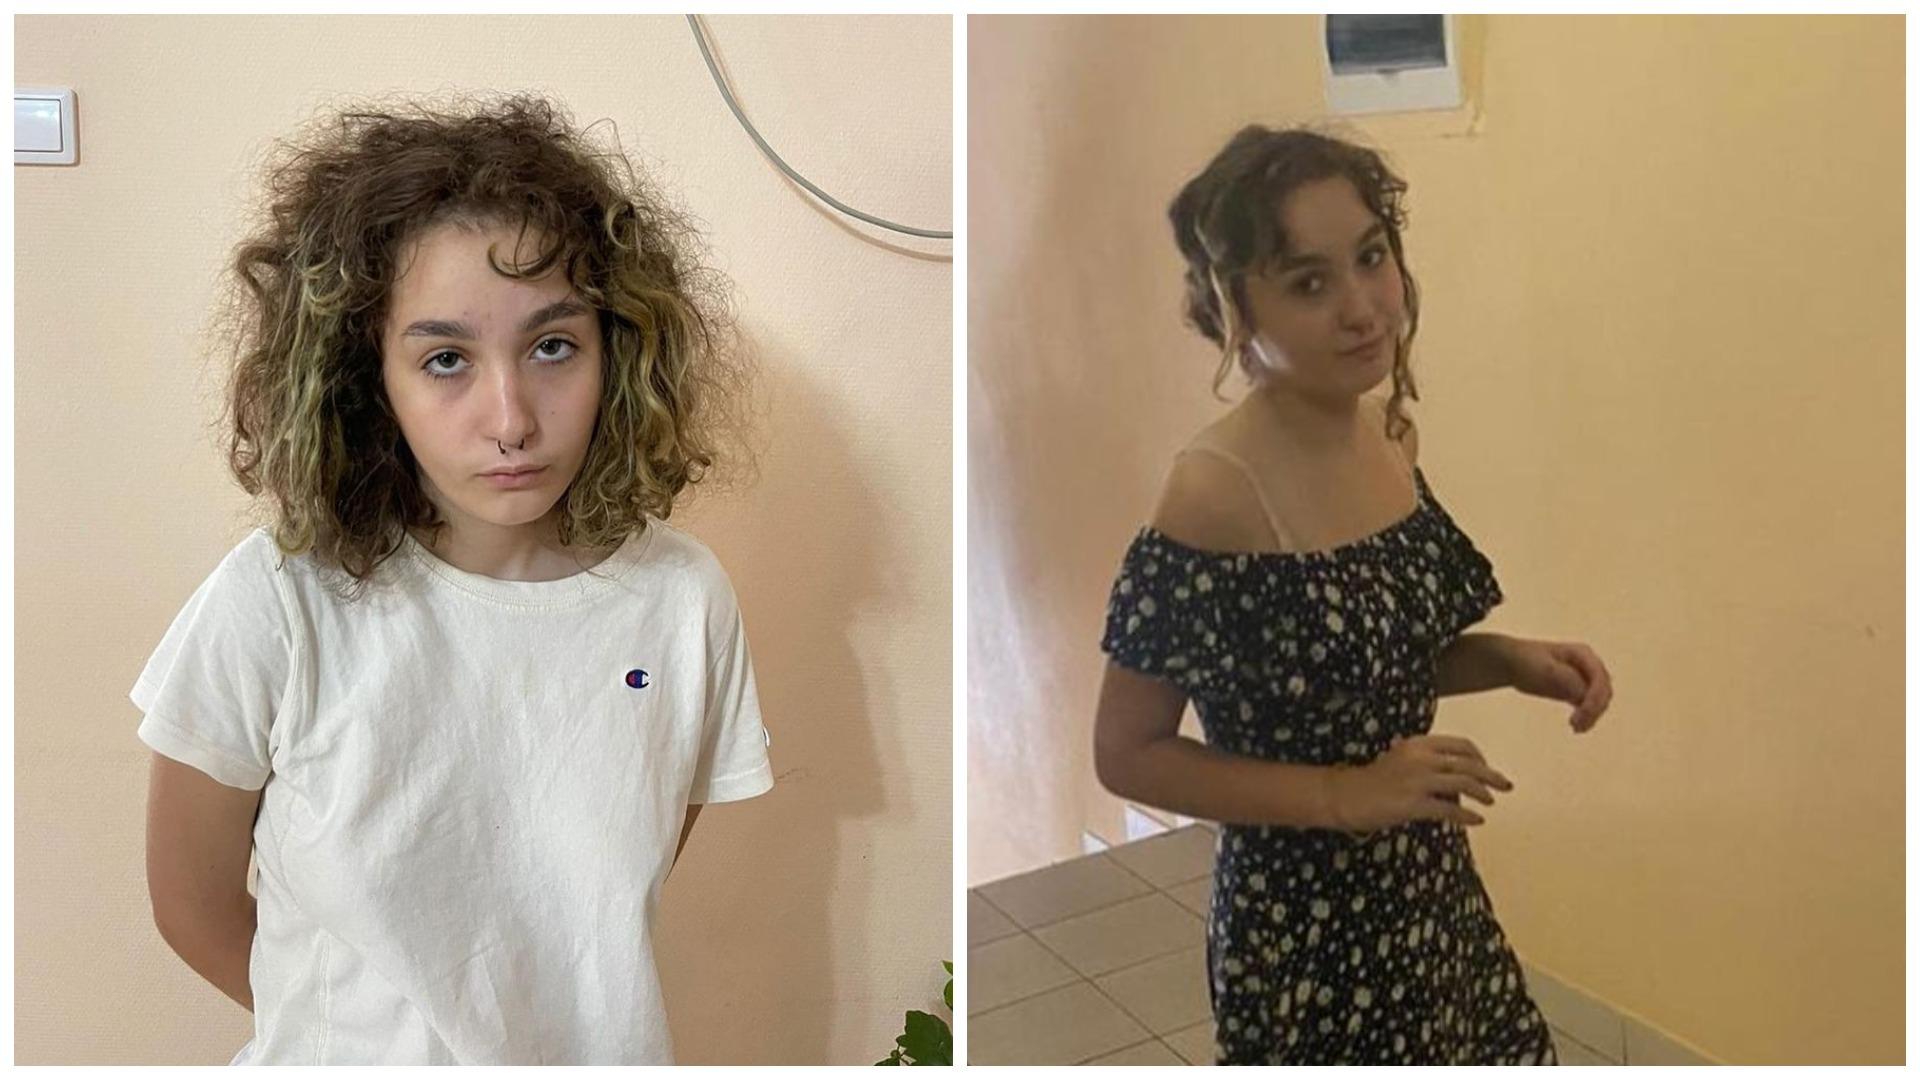 В Геленджике разыскивают девочку, сбежавшую из психокоррекционного центра